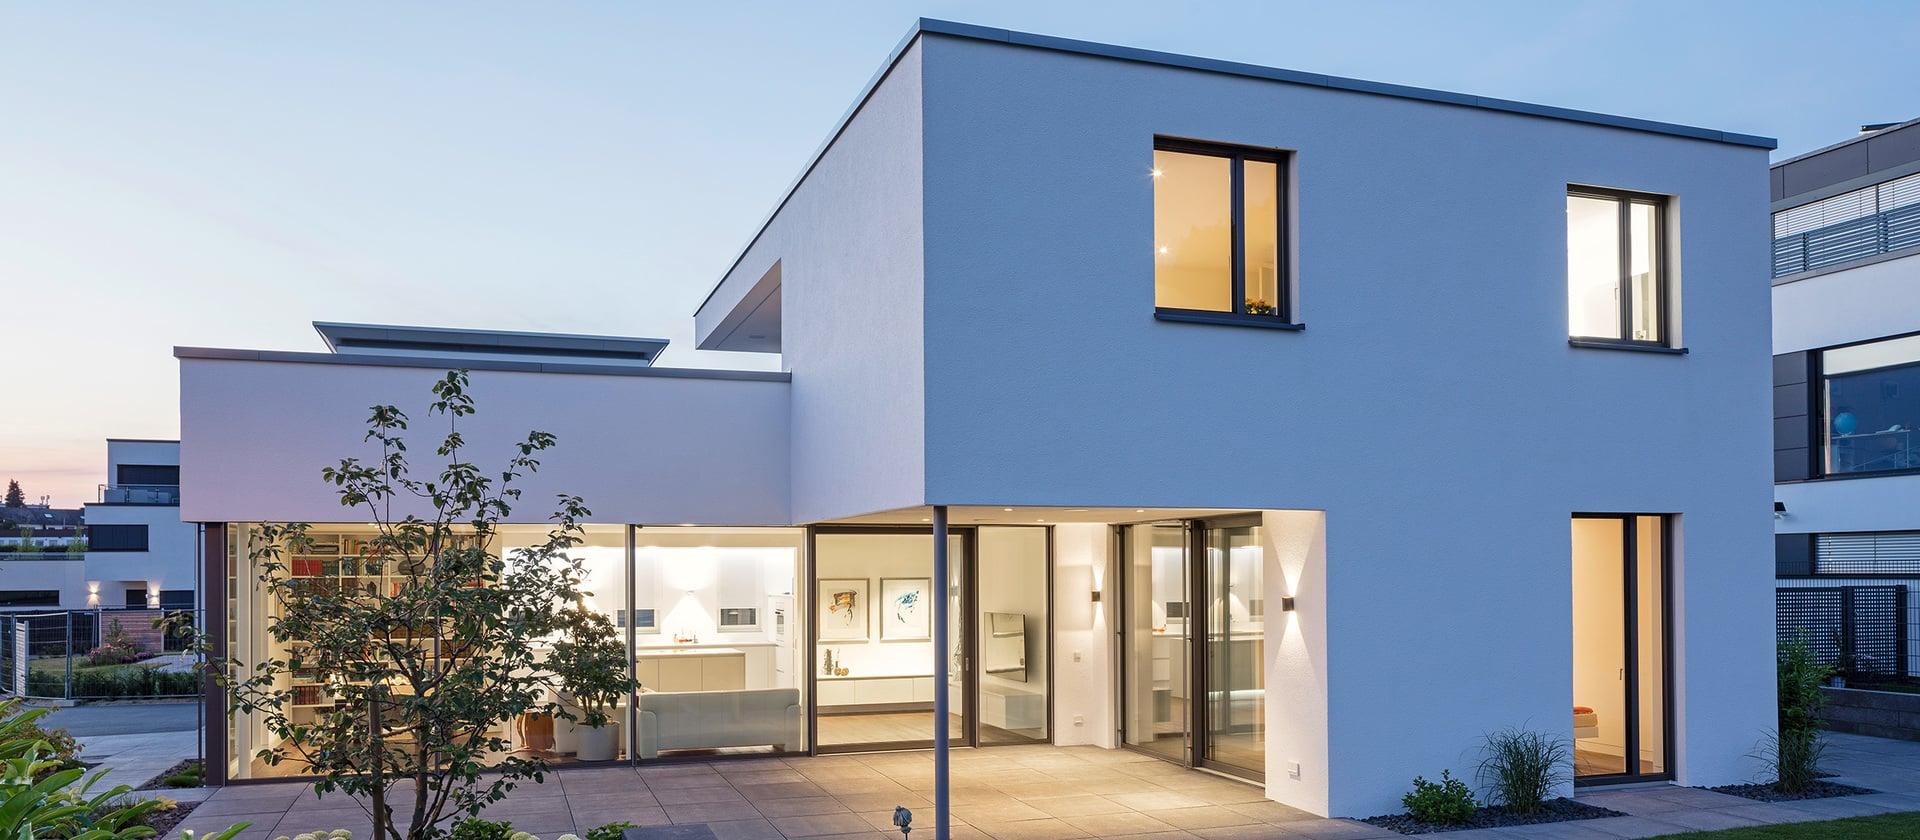 Casa unifamiliar en la región de Rhein-Main